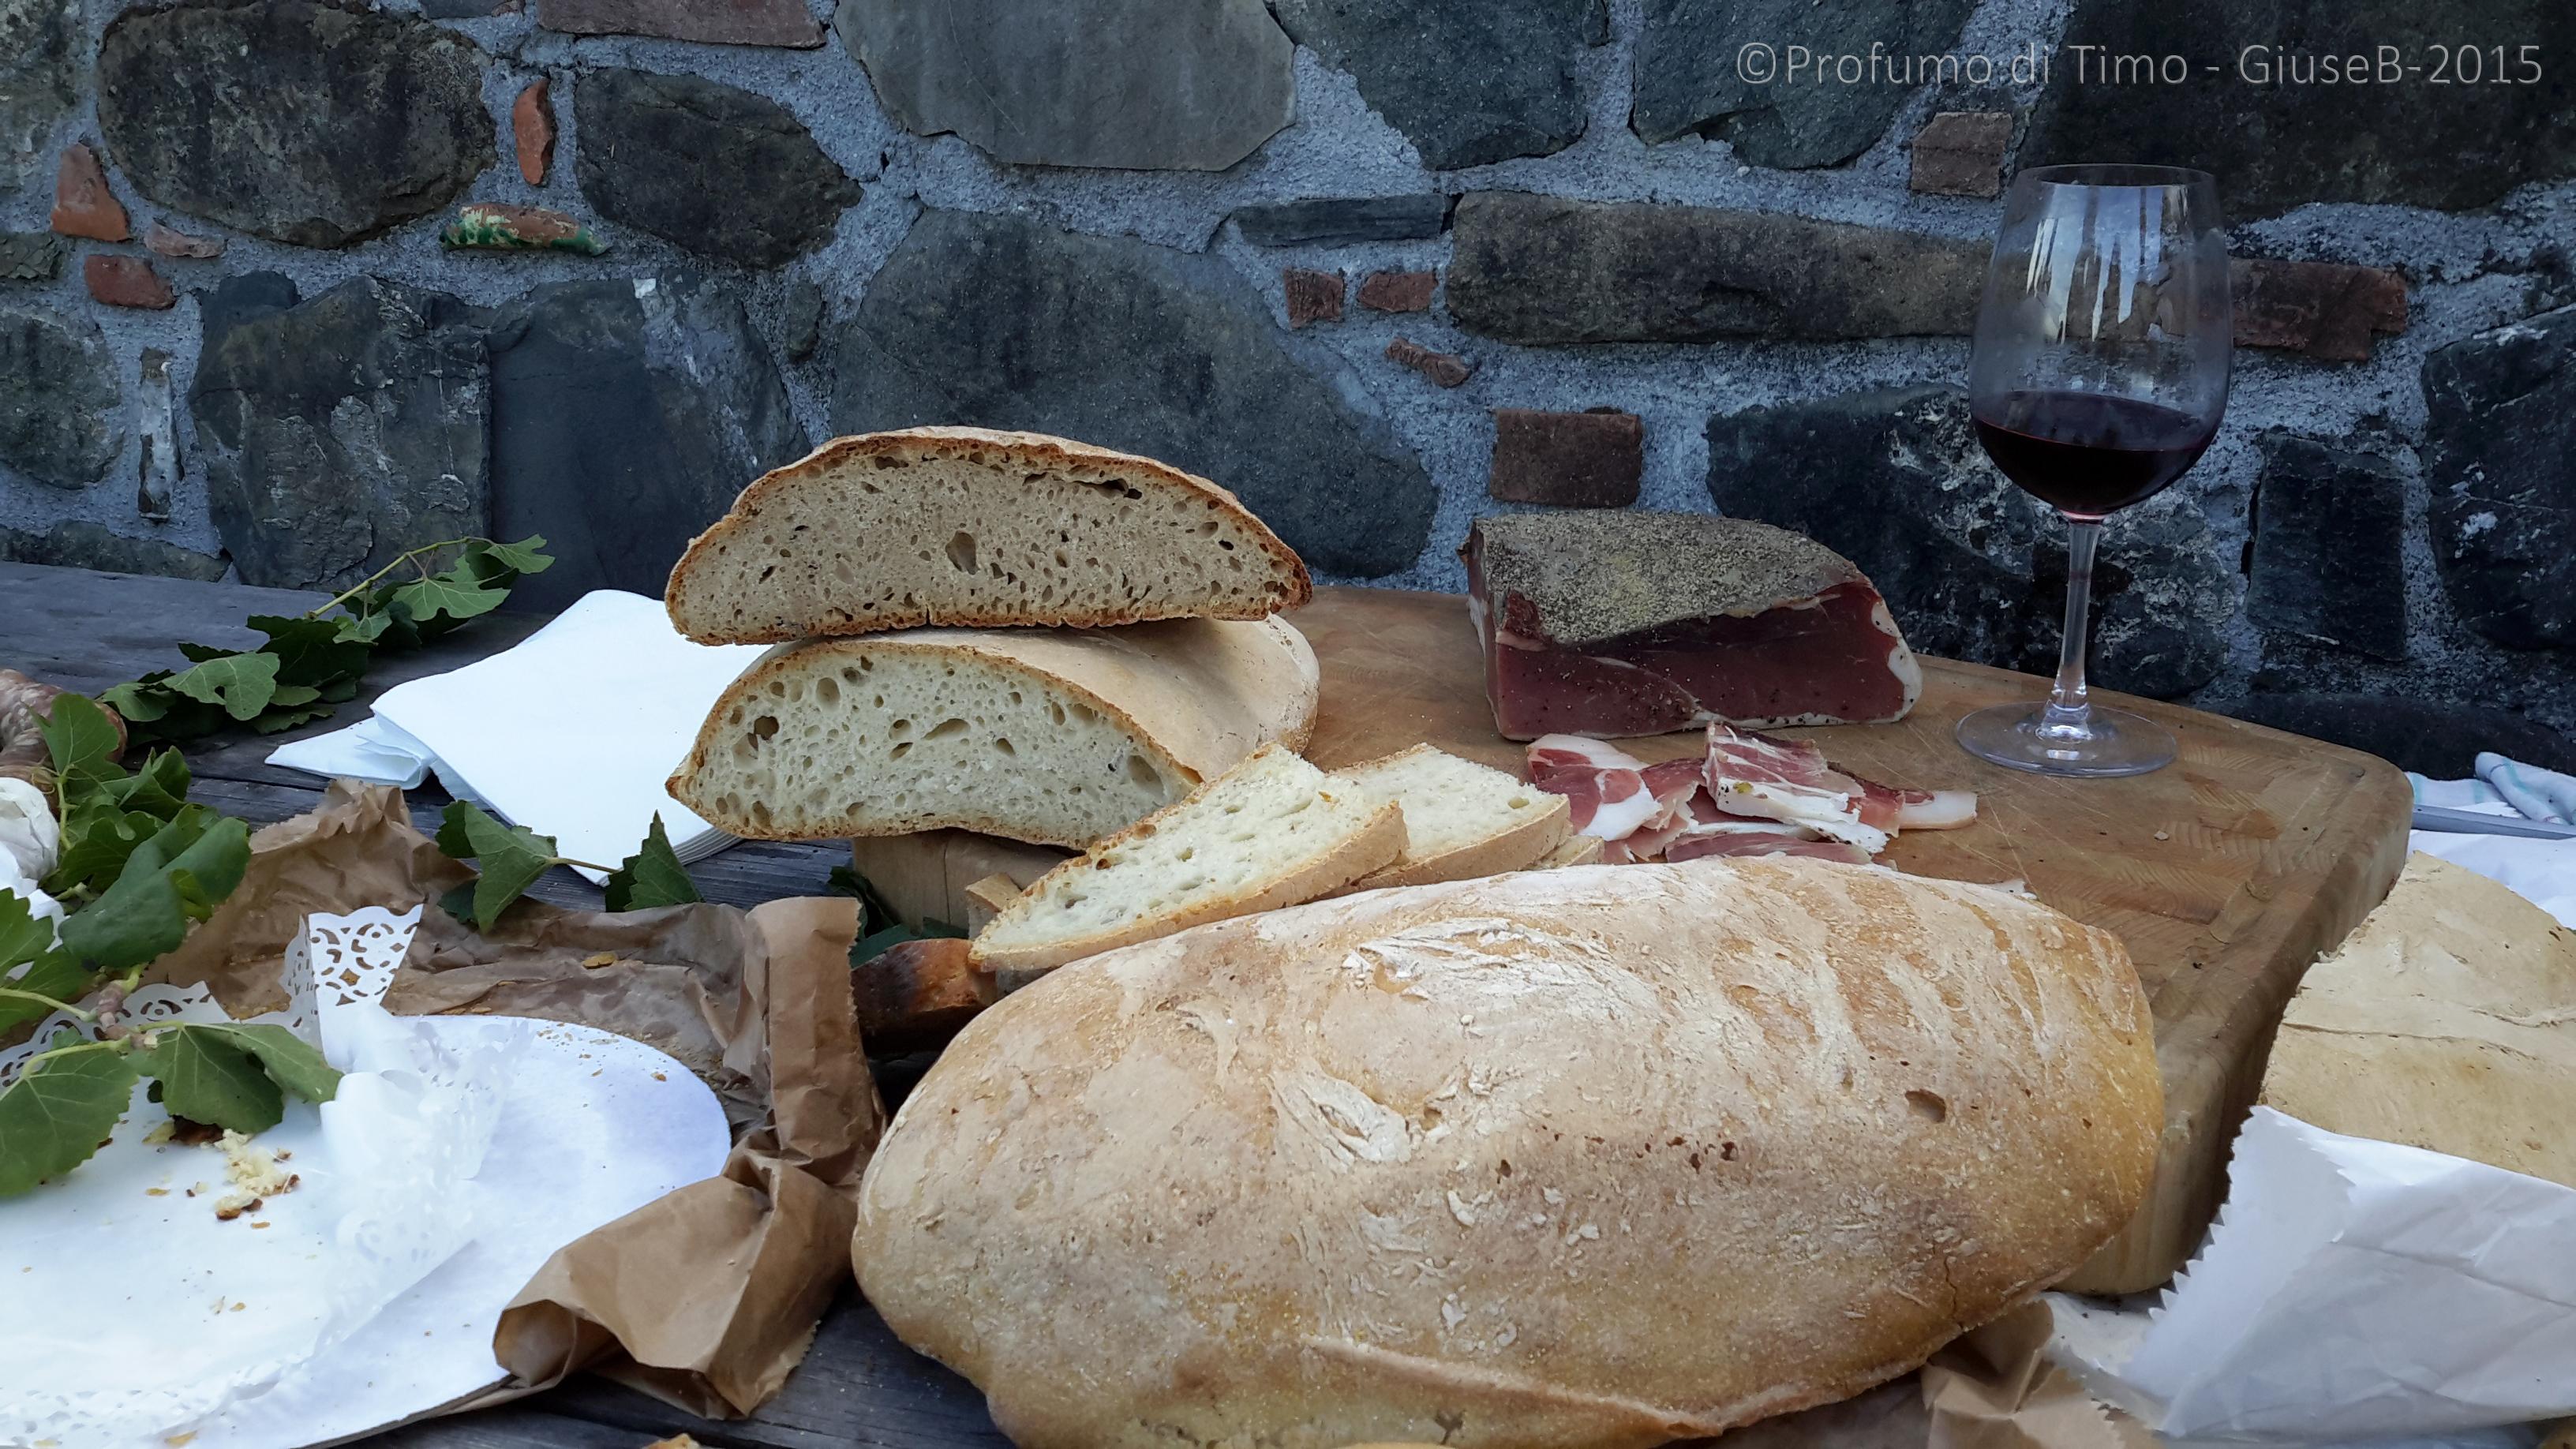 Vendemmia 2015 a Valgiano prodotti Slowfood della Garfagnana